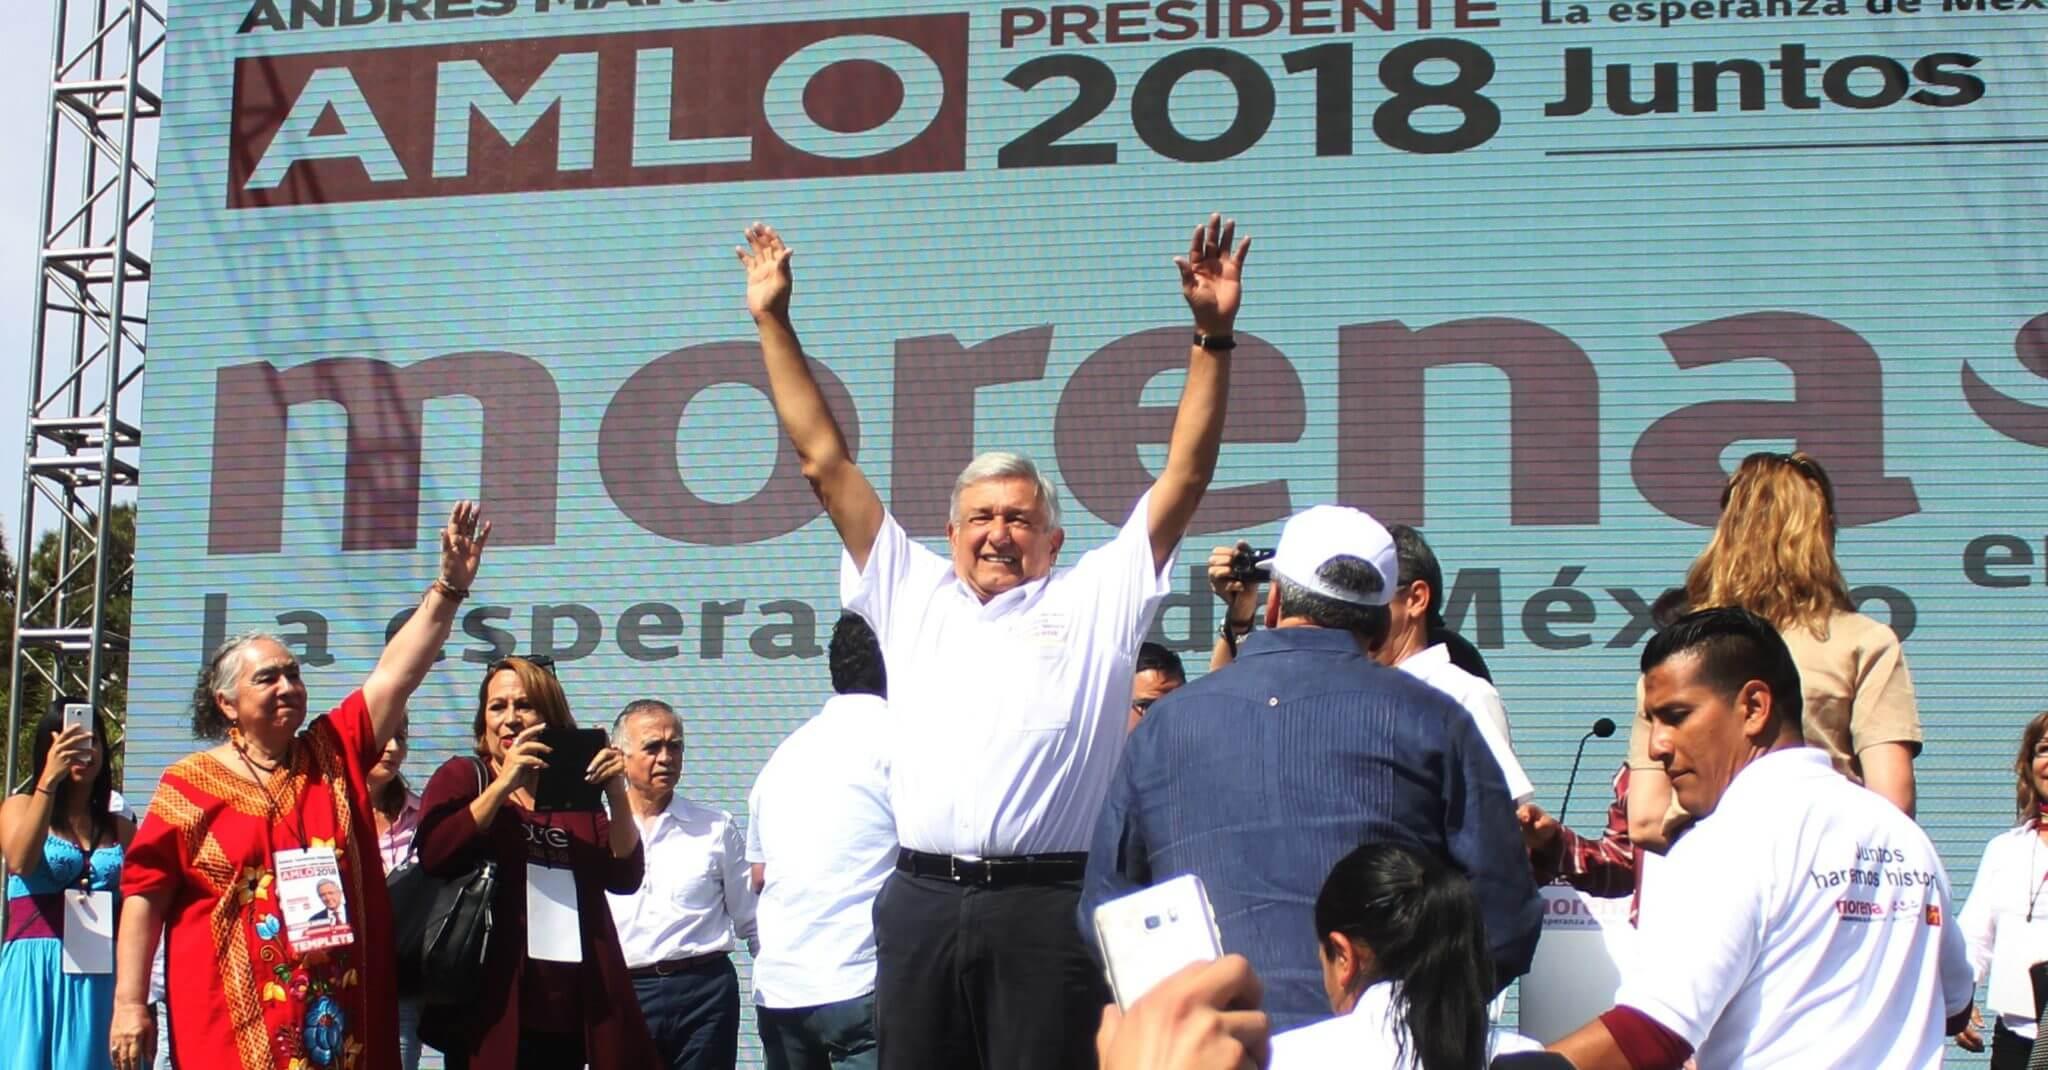 Andrés Manuel López Obrador durante la apertura de su campaña en México. Imagen: Animal Político